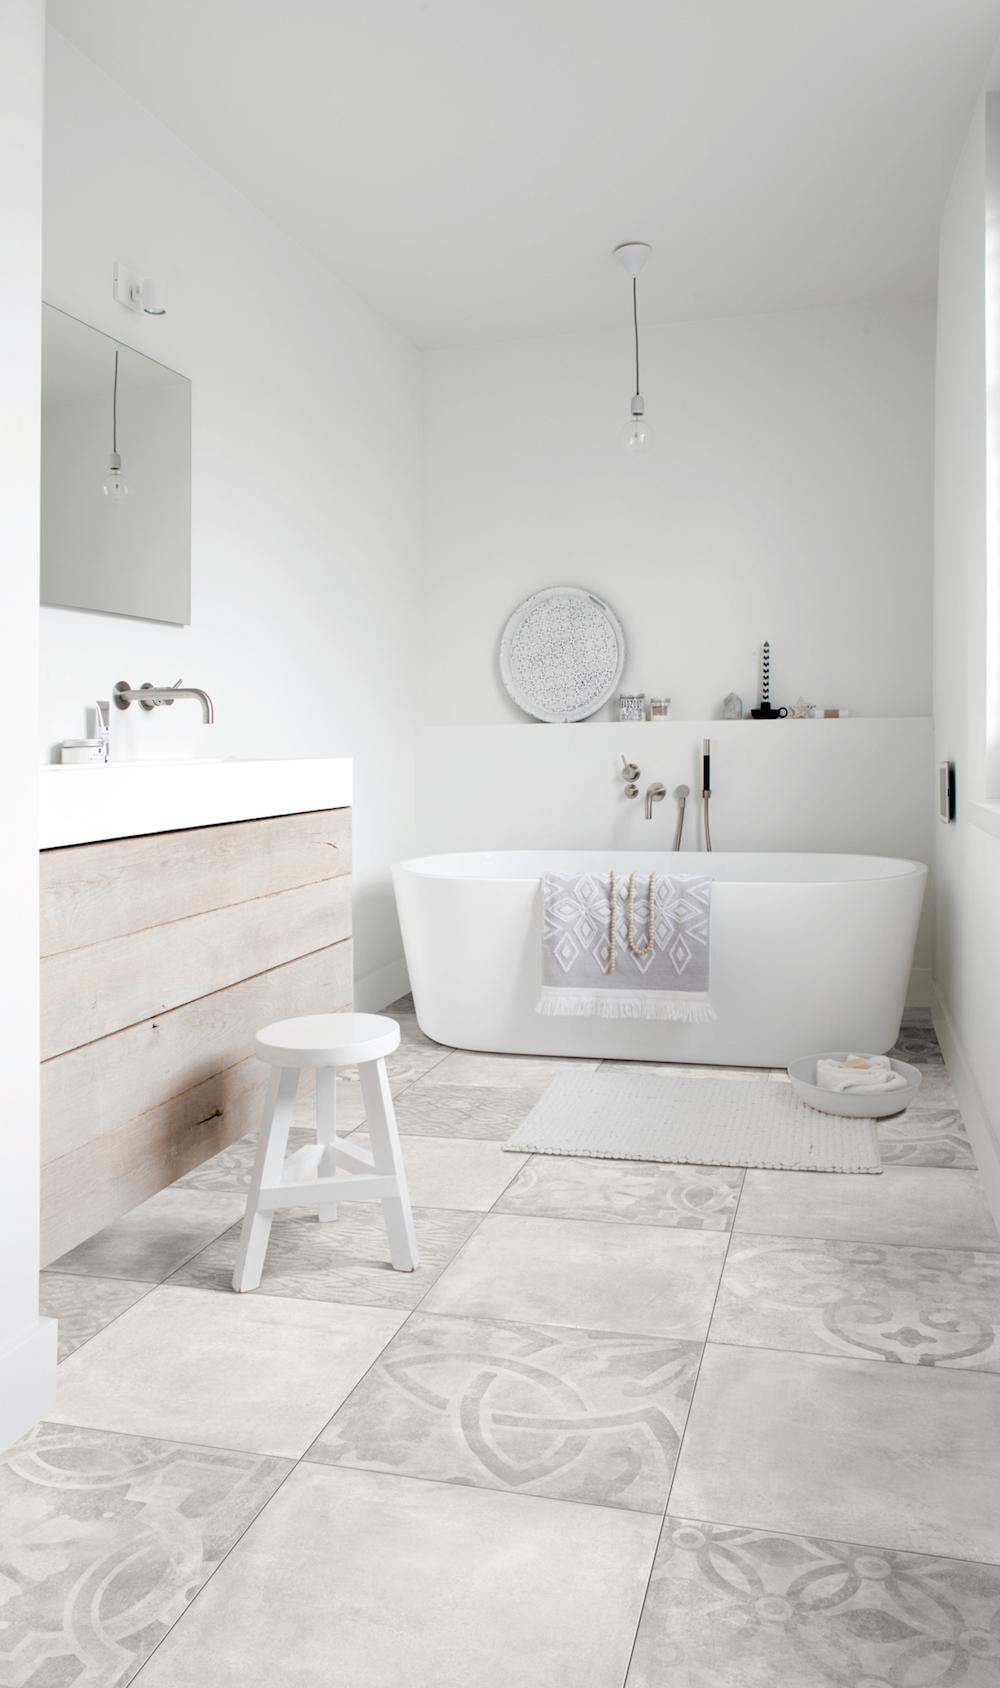 Bijzondere vloeren voor de badkamer: badkamervloer van PVC met stonelook - Moduleo Cementine #vloer #badkamer #badkamerinspiratie #badkamervloer #moduleo